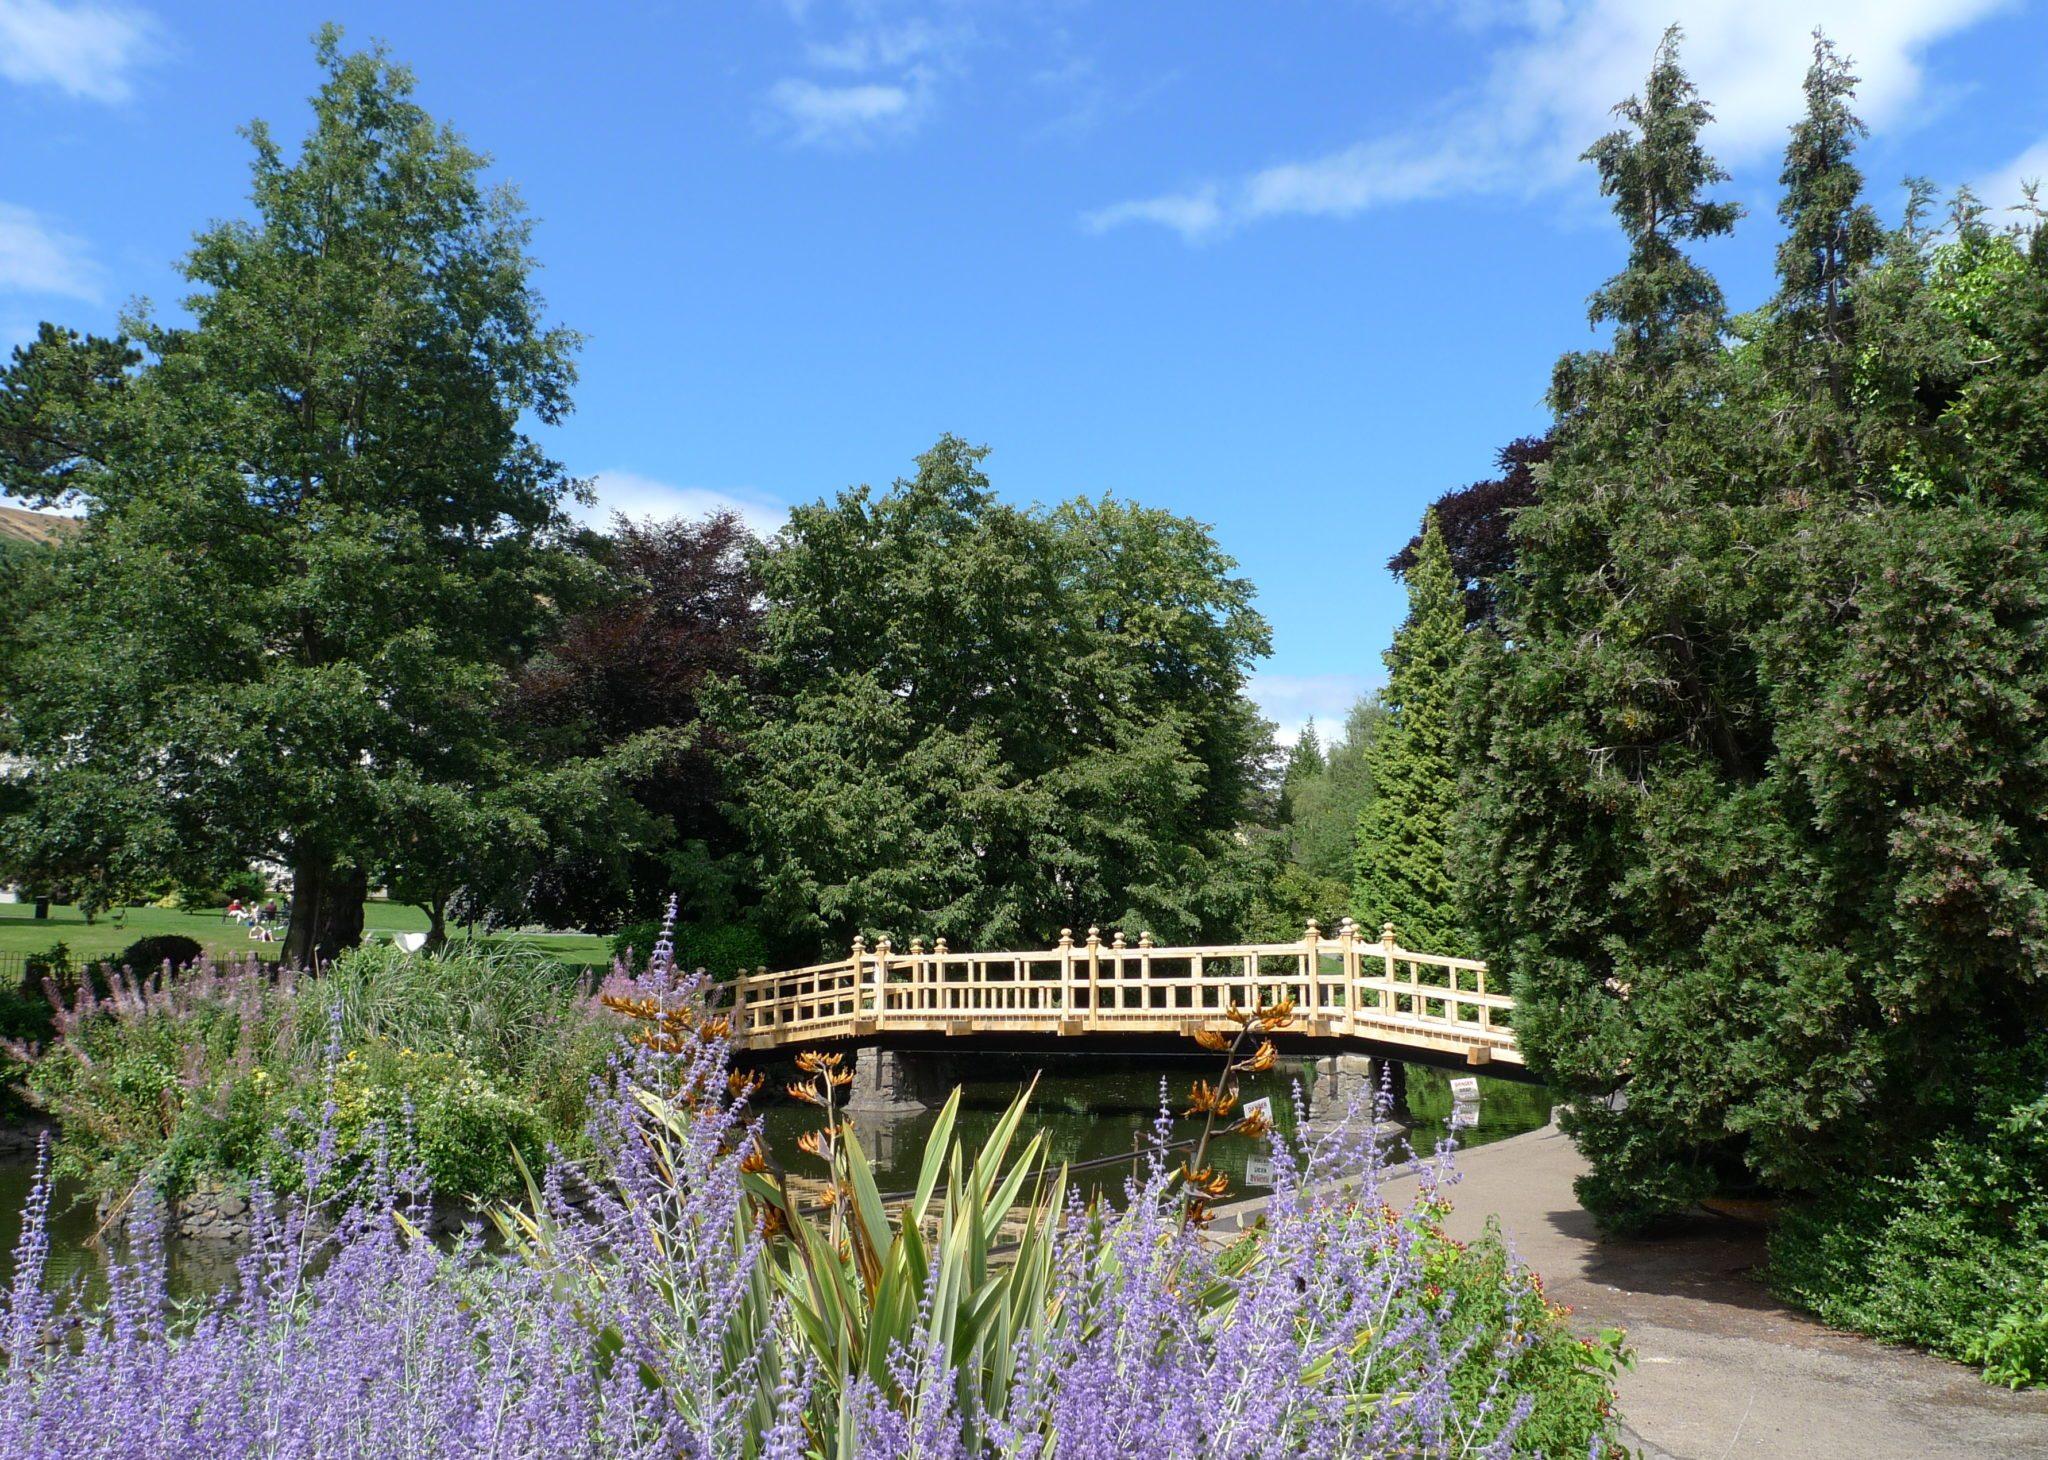 Priory Park Bridge